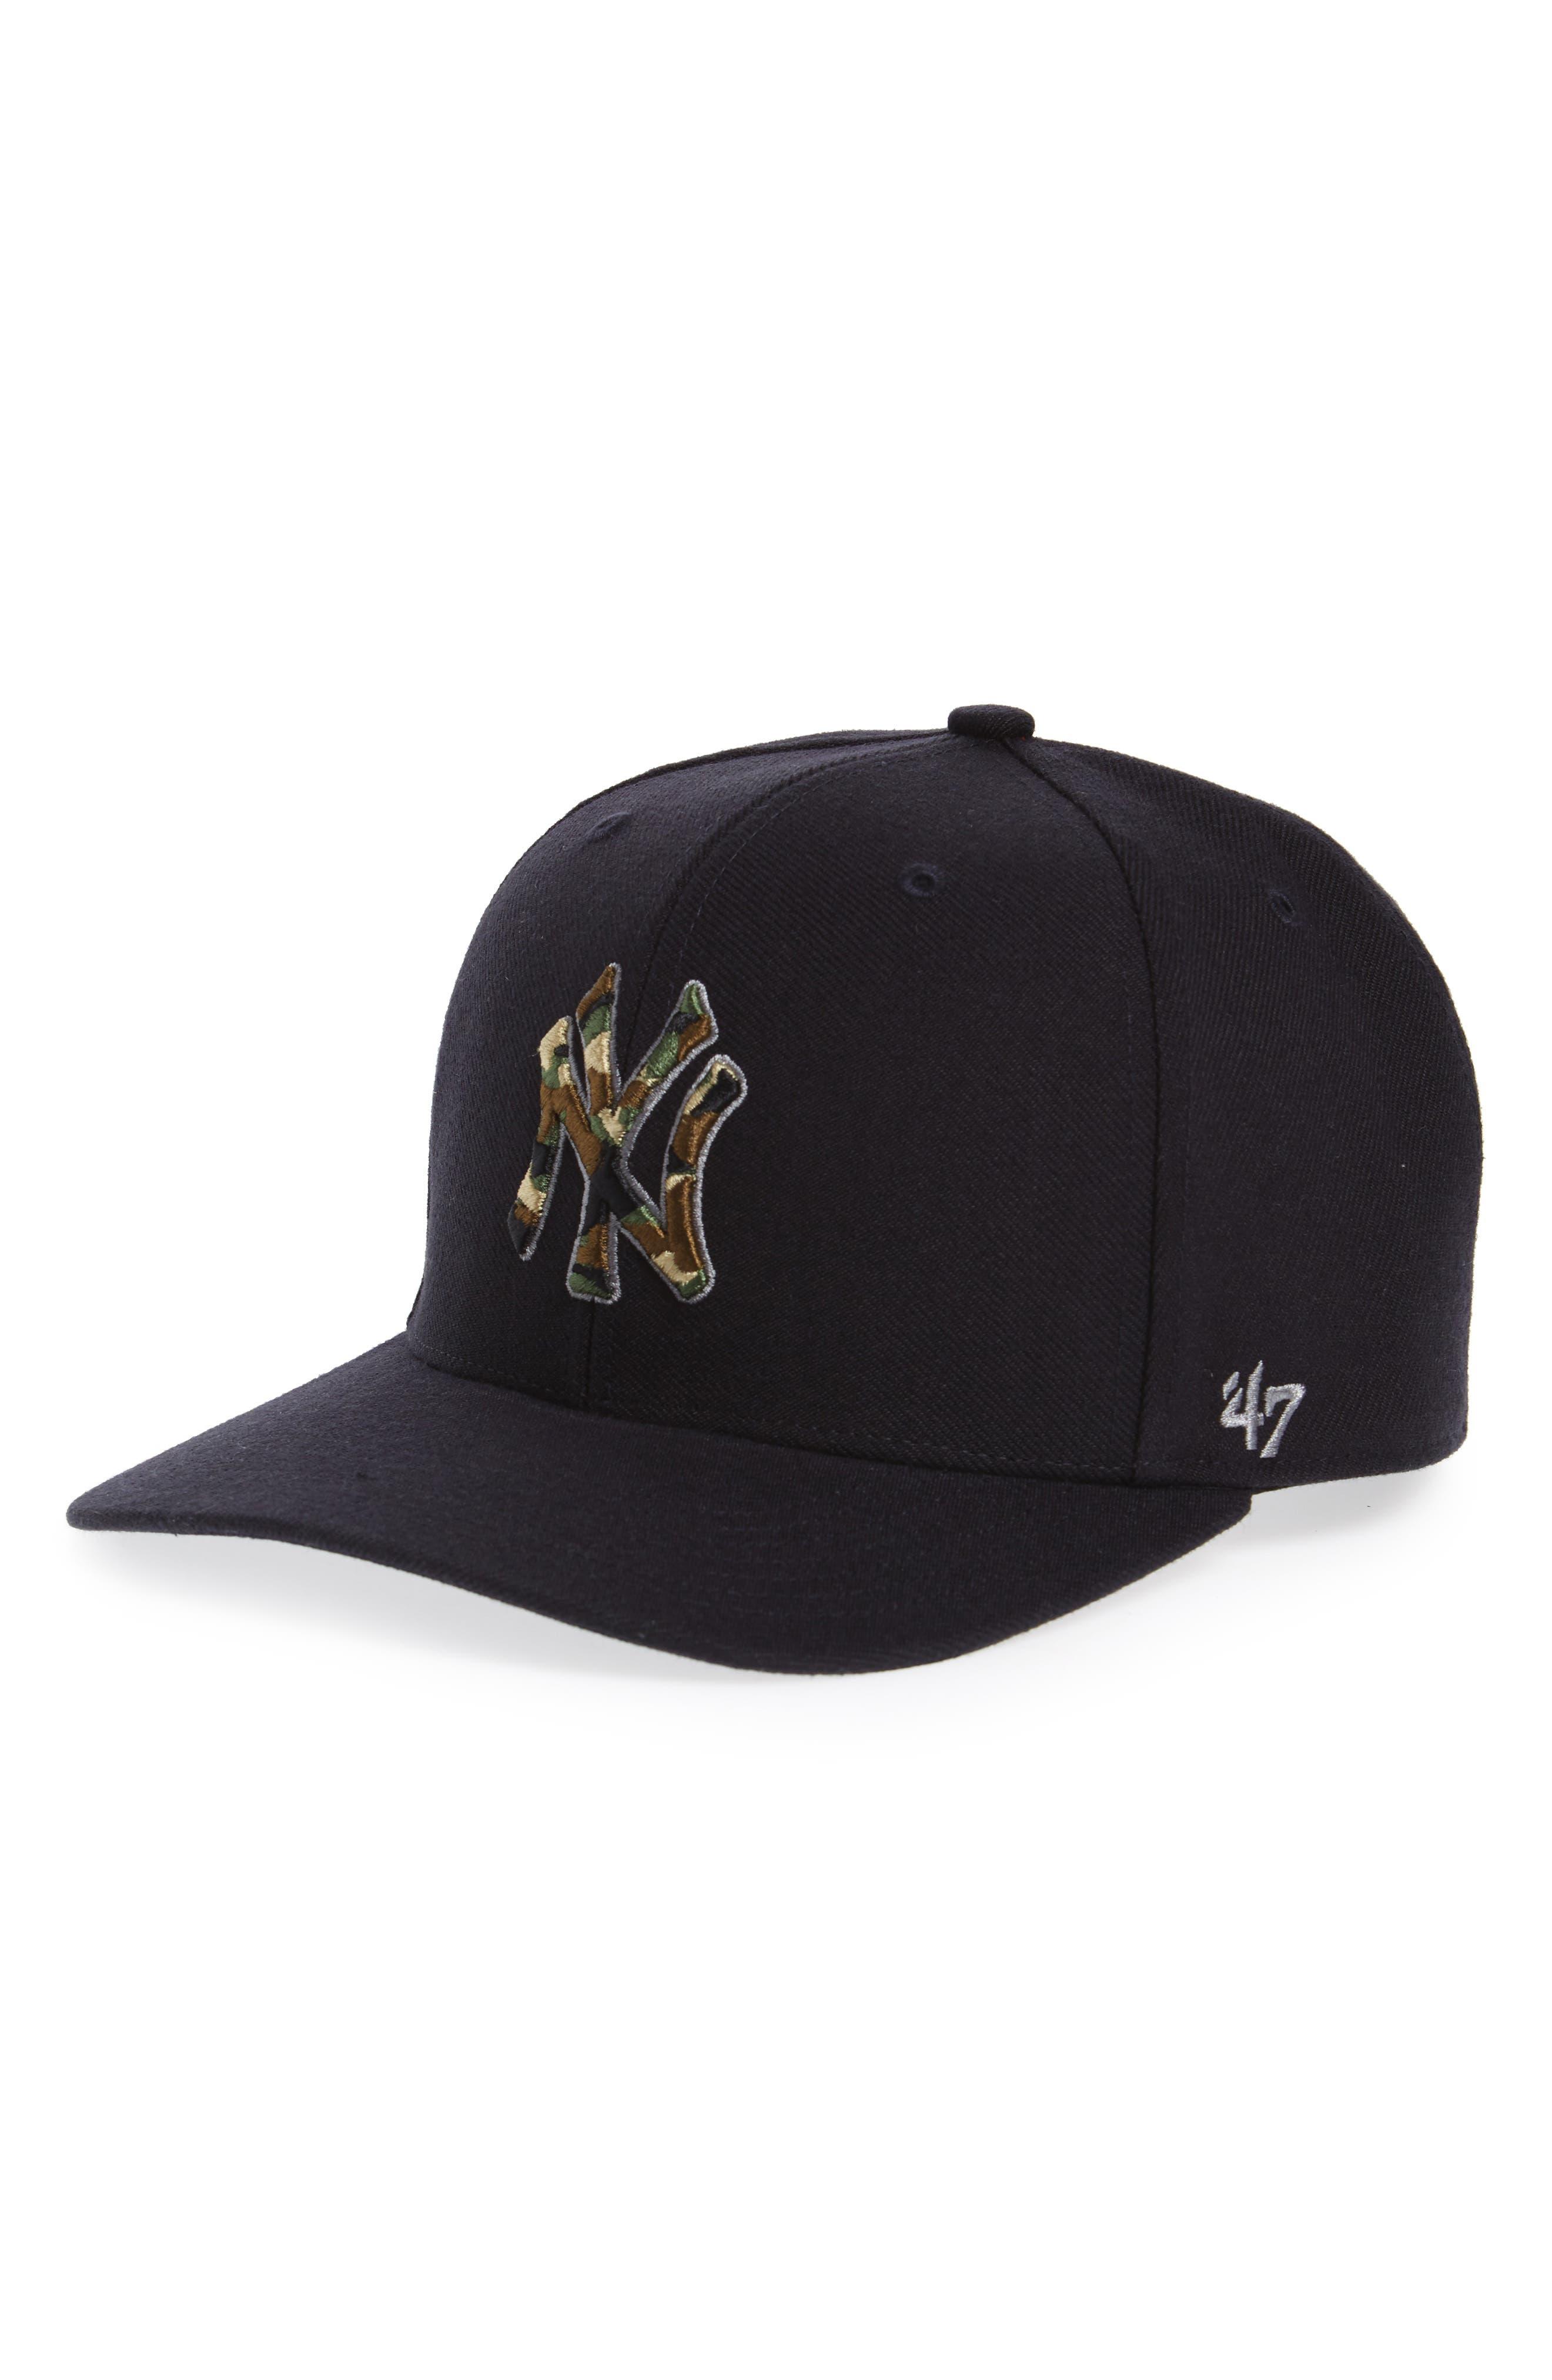 Camfill New York Yankees Baseball Cap,                         Main,                         color, Navy